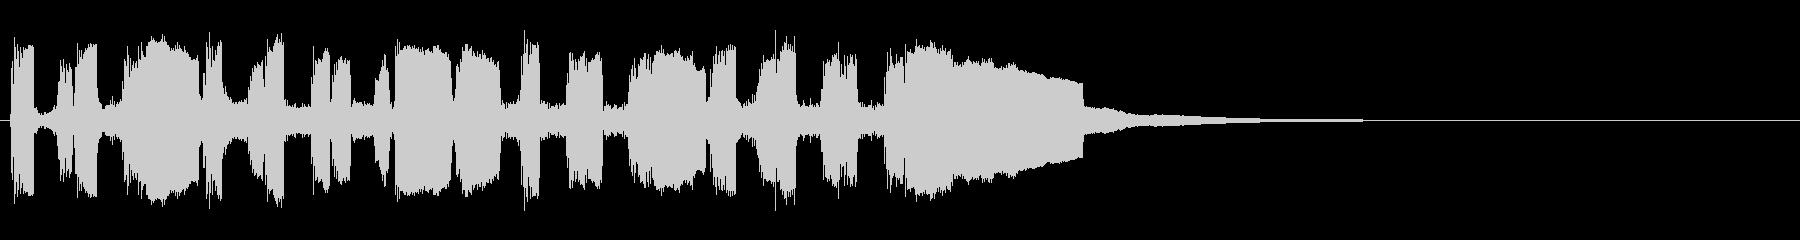 オリジナルメロディーの突撃ラッパ風の未再生の波形